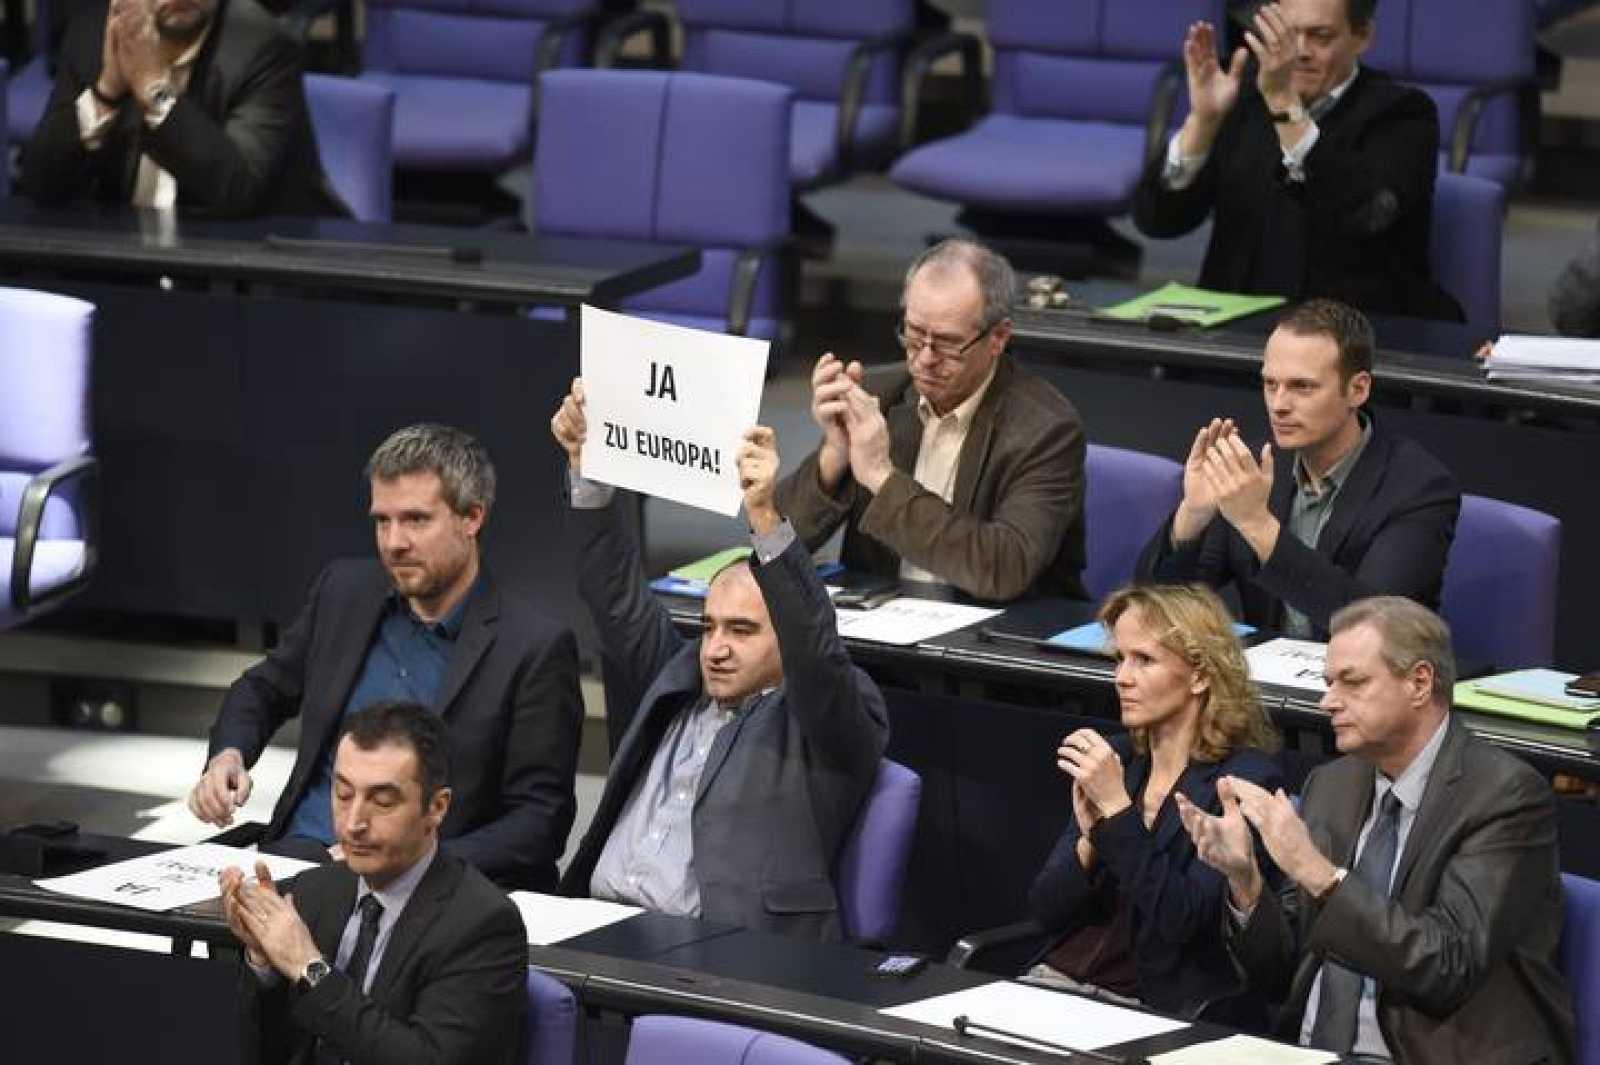 """Un diputado de Los Verdes alza en el Bundestag un cartel en el que se lee """"Sí a Europa"""""""